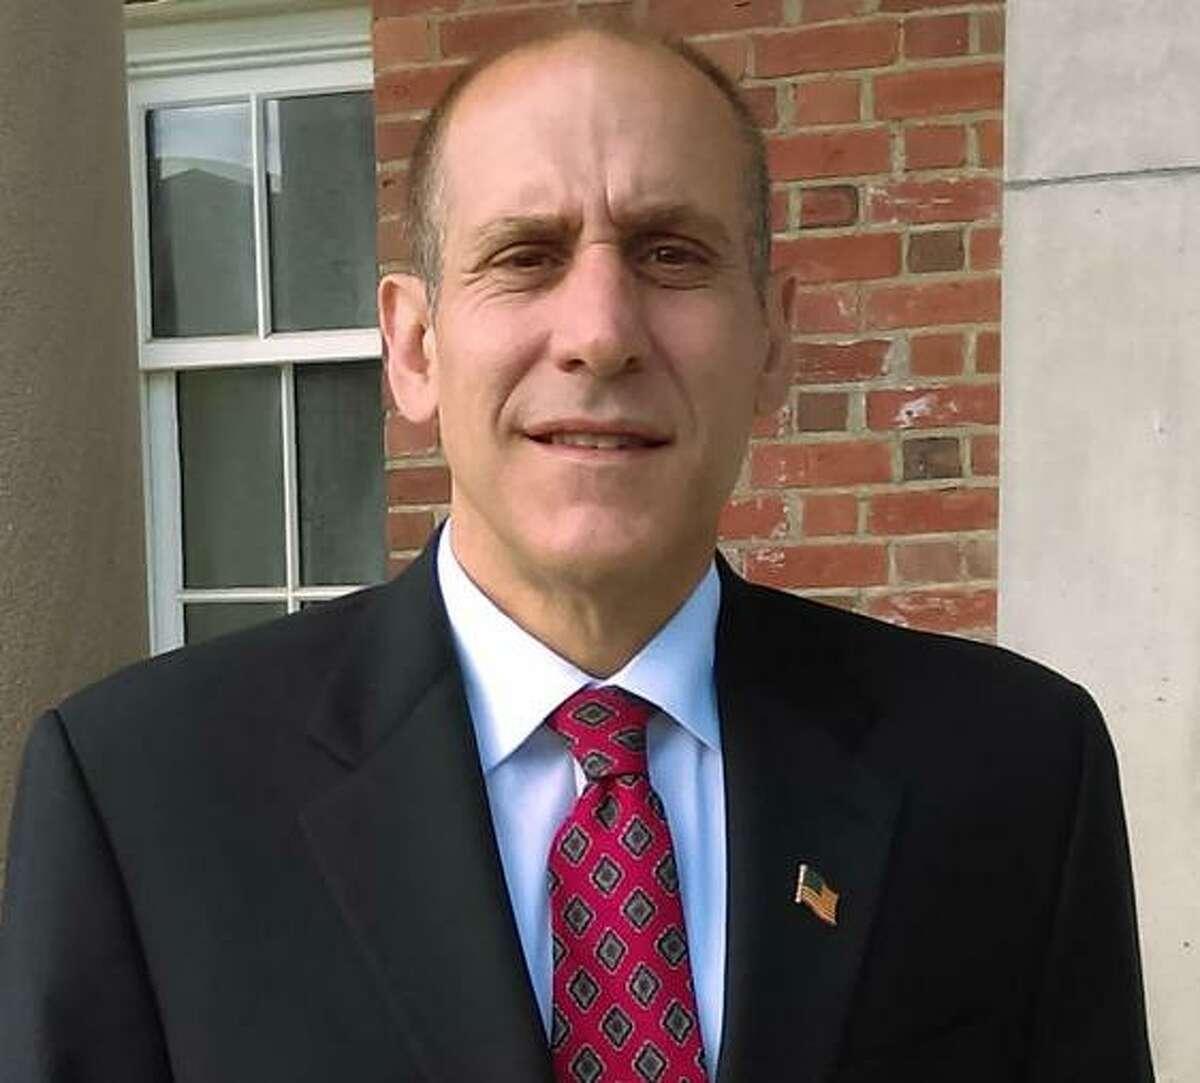 Jeff Capeci